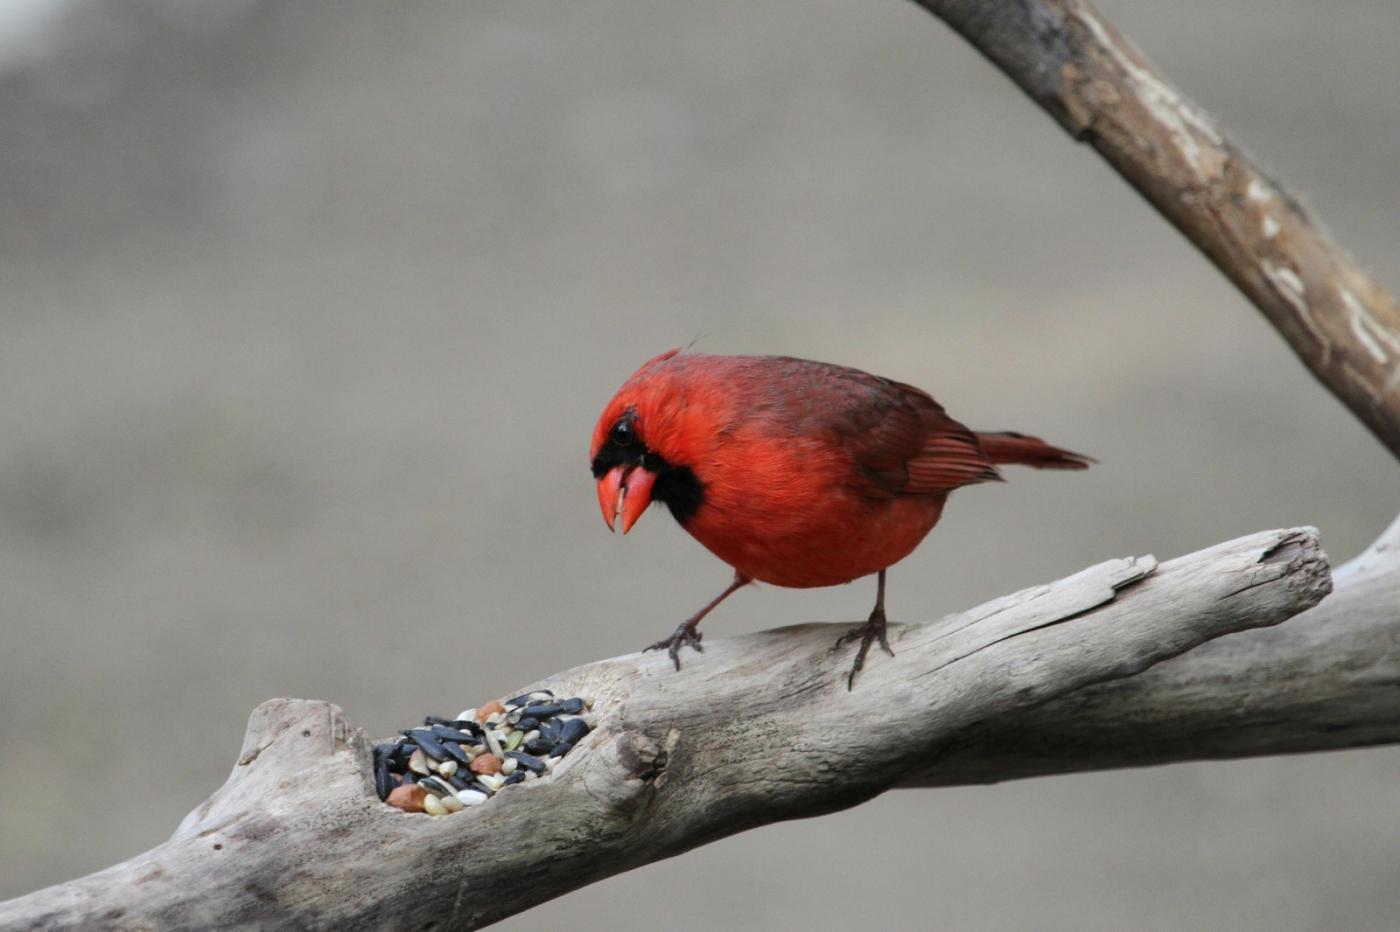 【田螺摄影】有吃的主教鸟还会挑肥拣瘦_图1-9